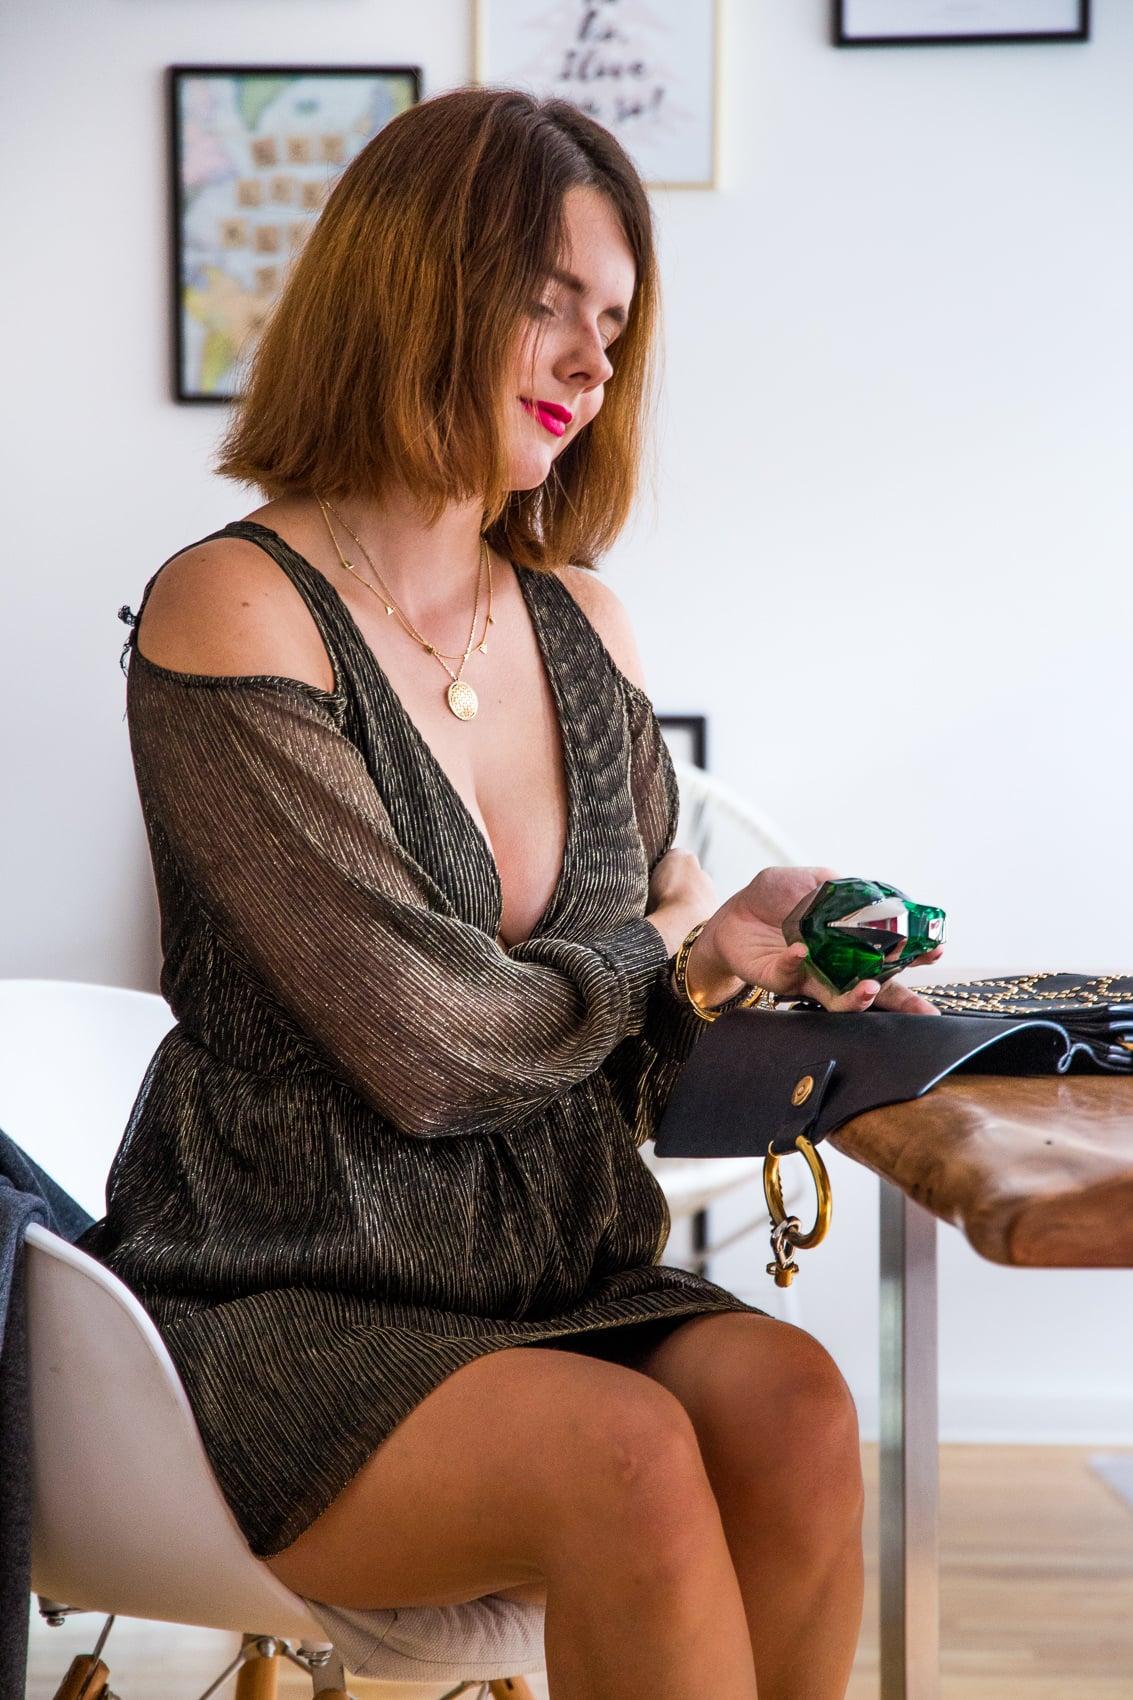 Mugler Aura - Wie duftet das neue Thierry Mugler Parfum?